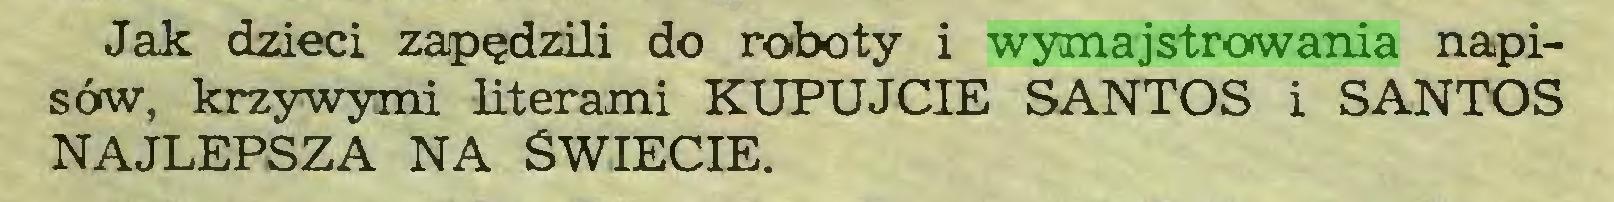 (...) Jak dzieci zapędzili do roboty i wymajstrowania napisów, krzywymi literami KUPUJCIE SANTOS i SANTOS NAJLEPSZA NA SWIECIE...